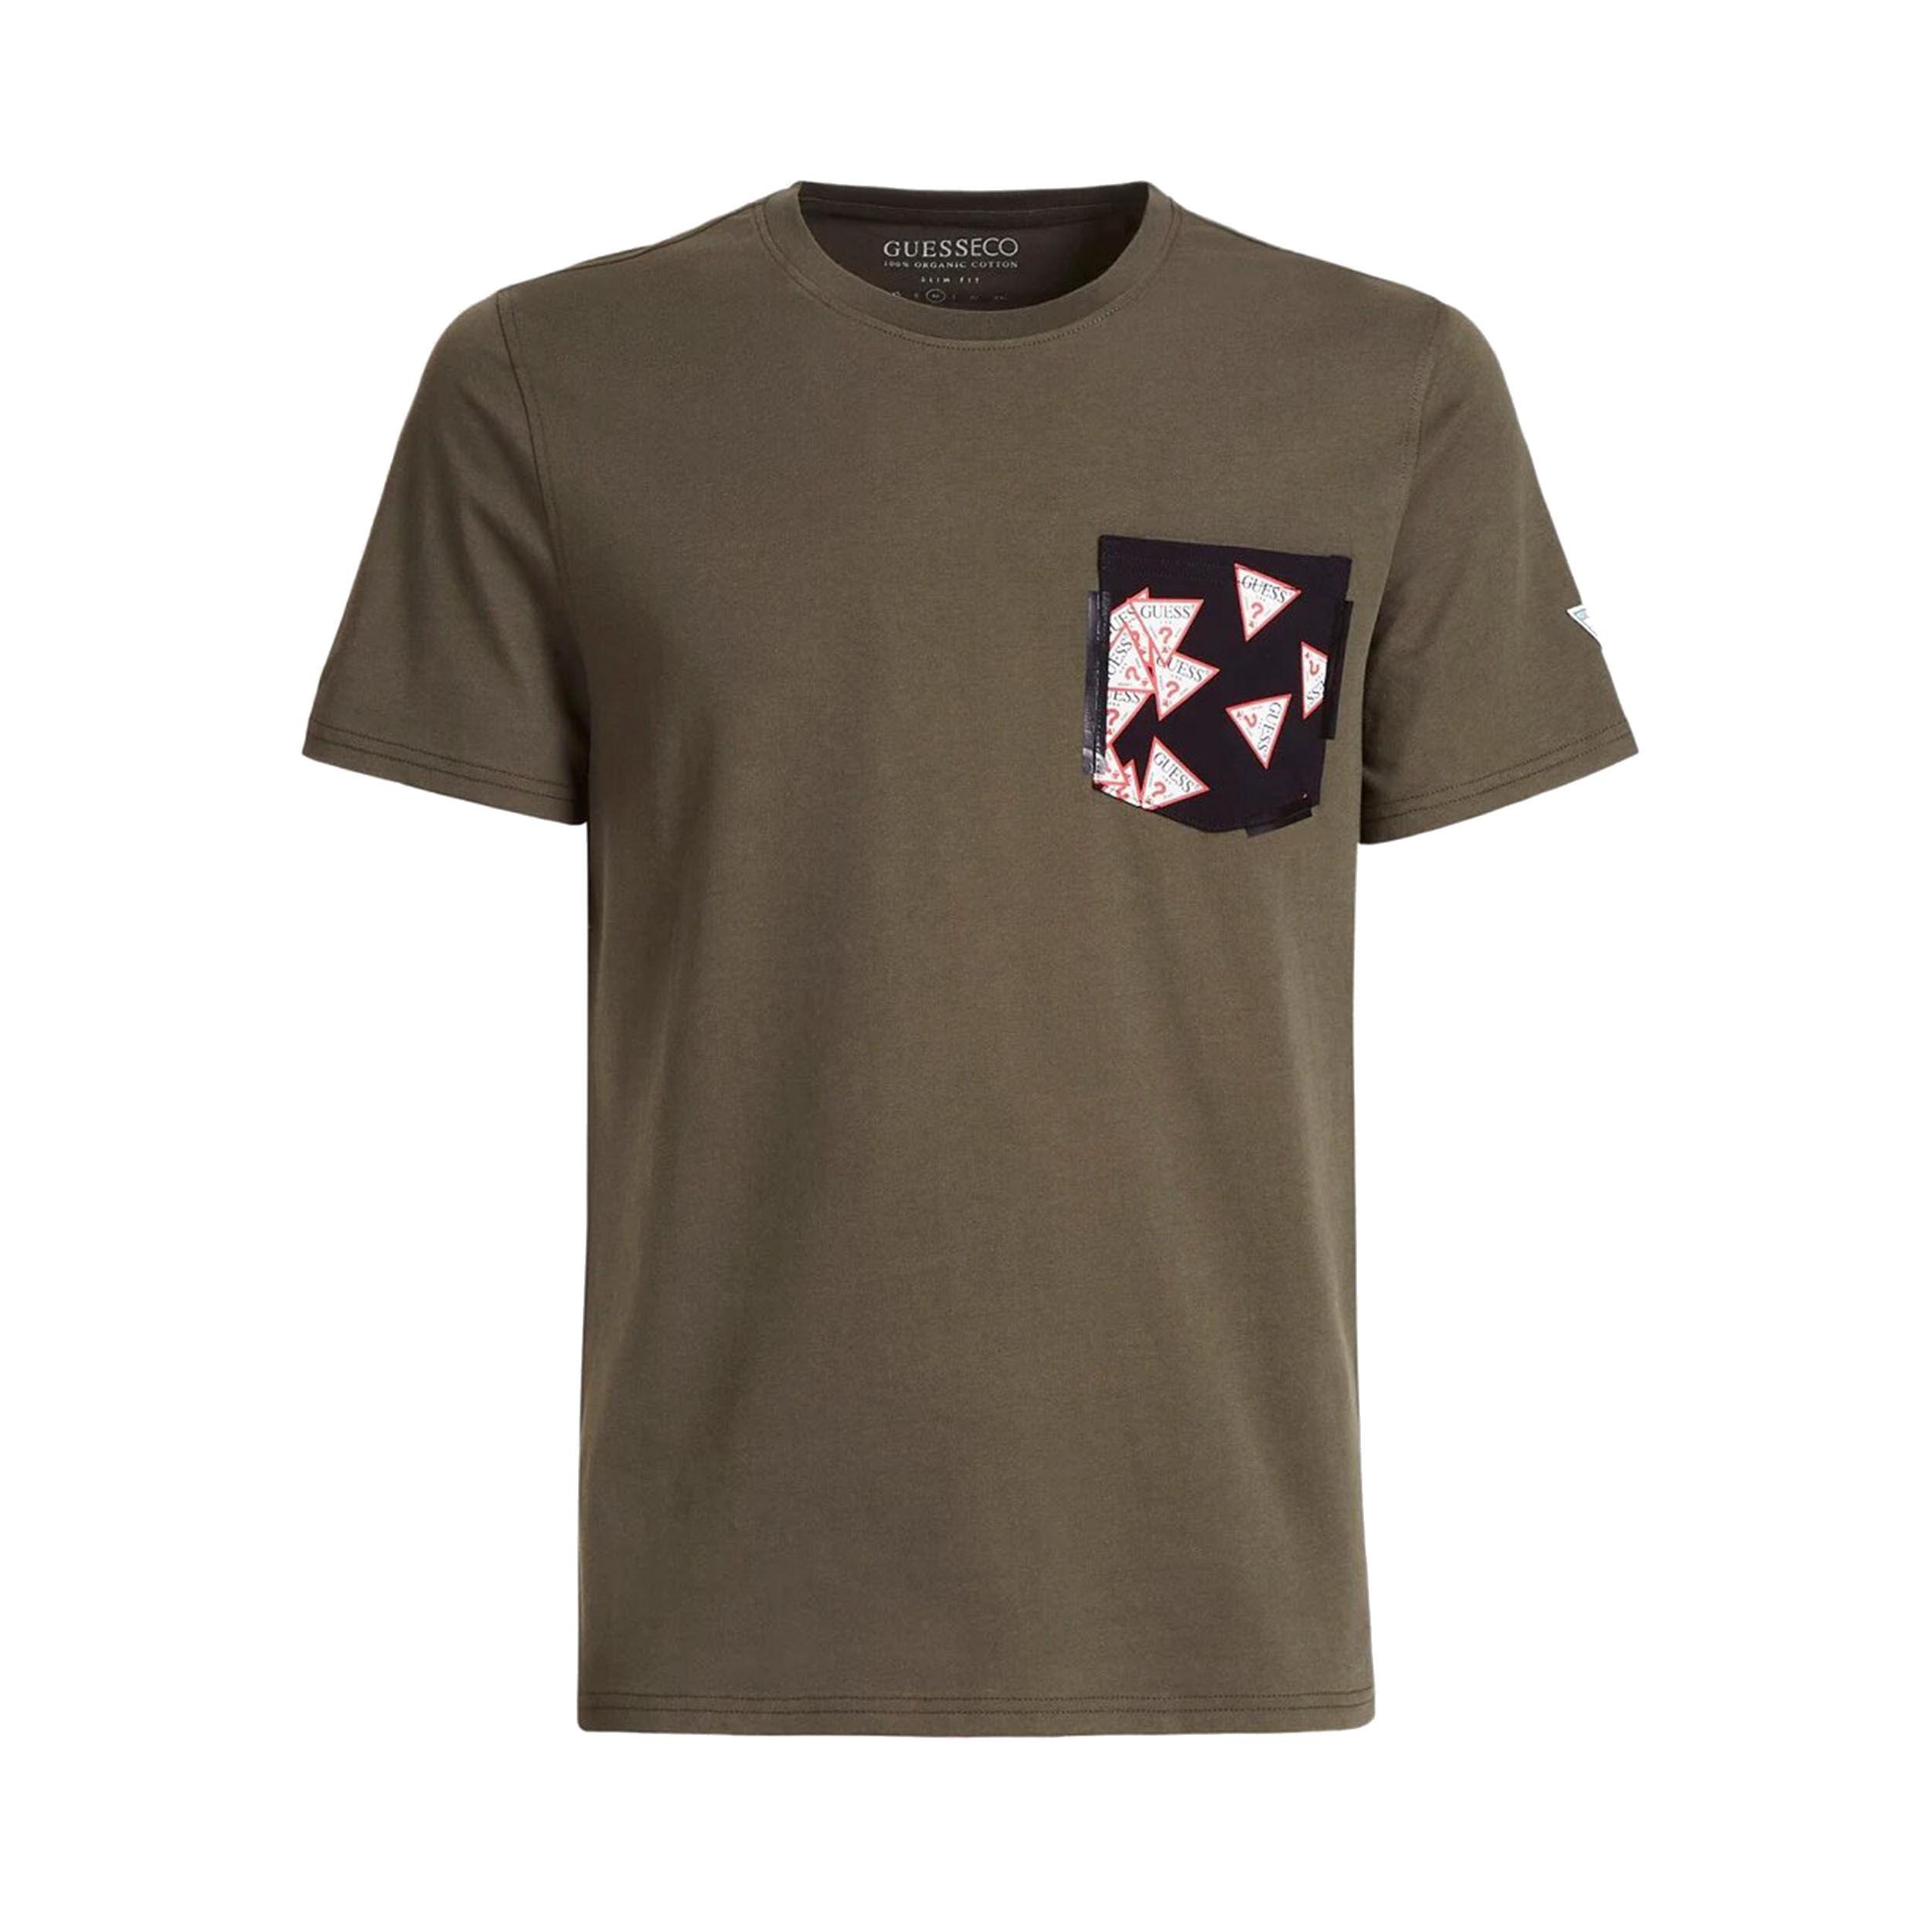 Guess Jeans Tee-shirt col rond Guess en coton vert kaki à poche noire floquée - VERT KAKI - L